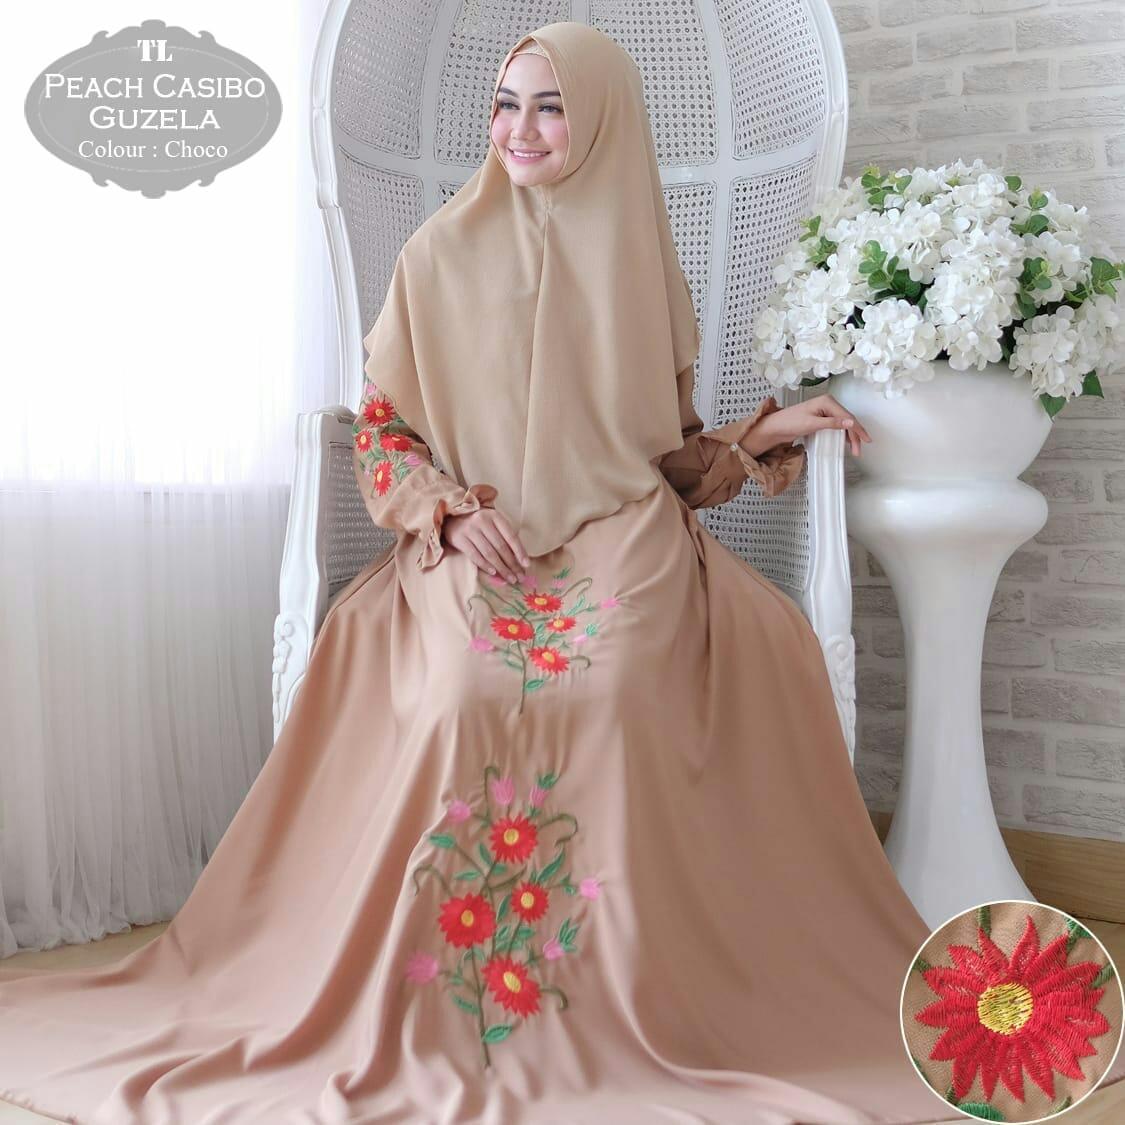 Media Fashion Shop - Baju Gamis Syari Wanita Muslim Syar i Cosibo Guzela  Choco - c016314495